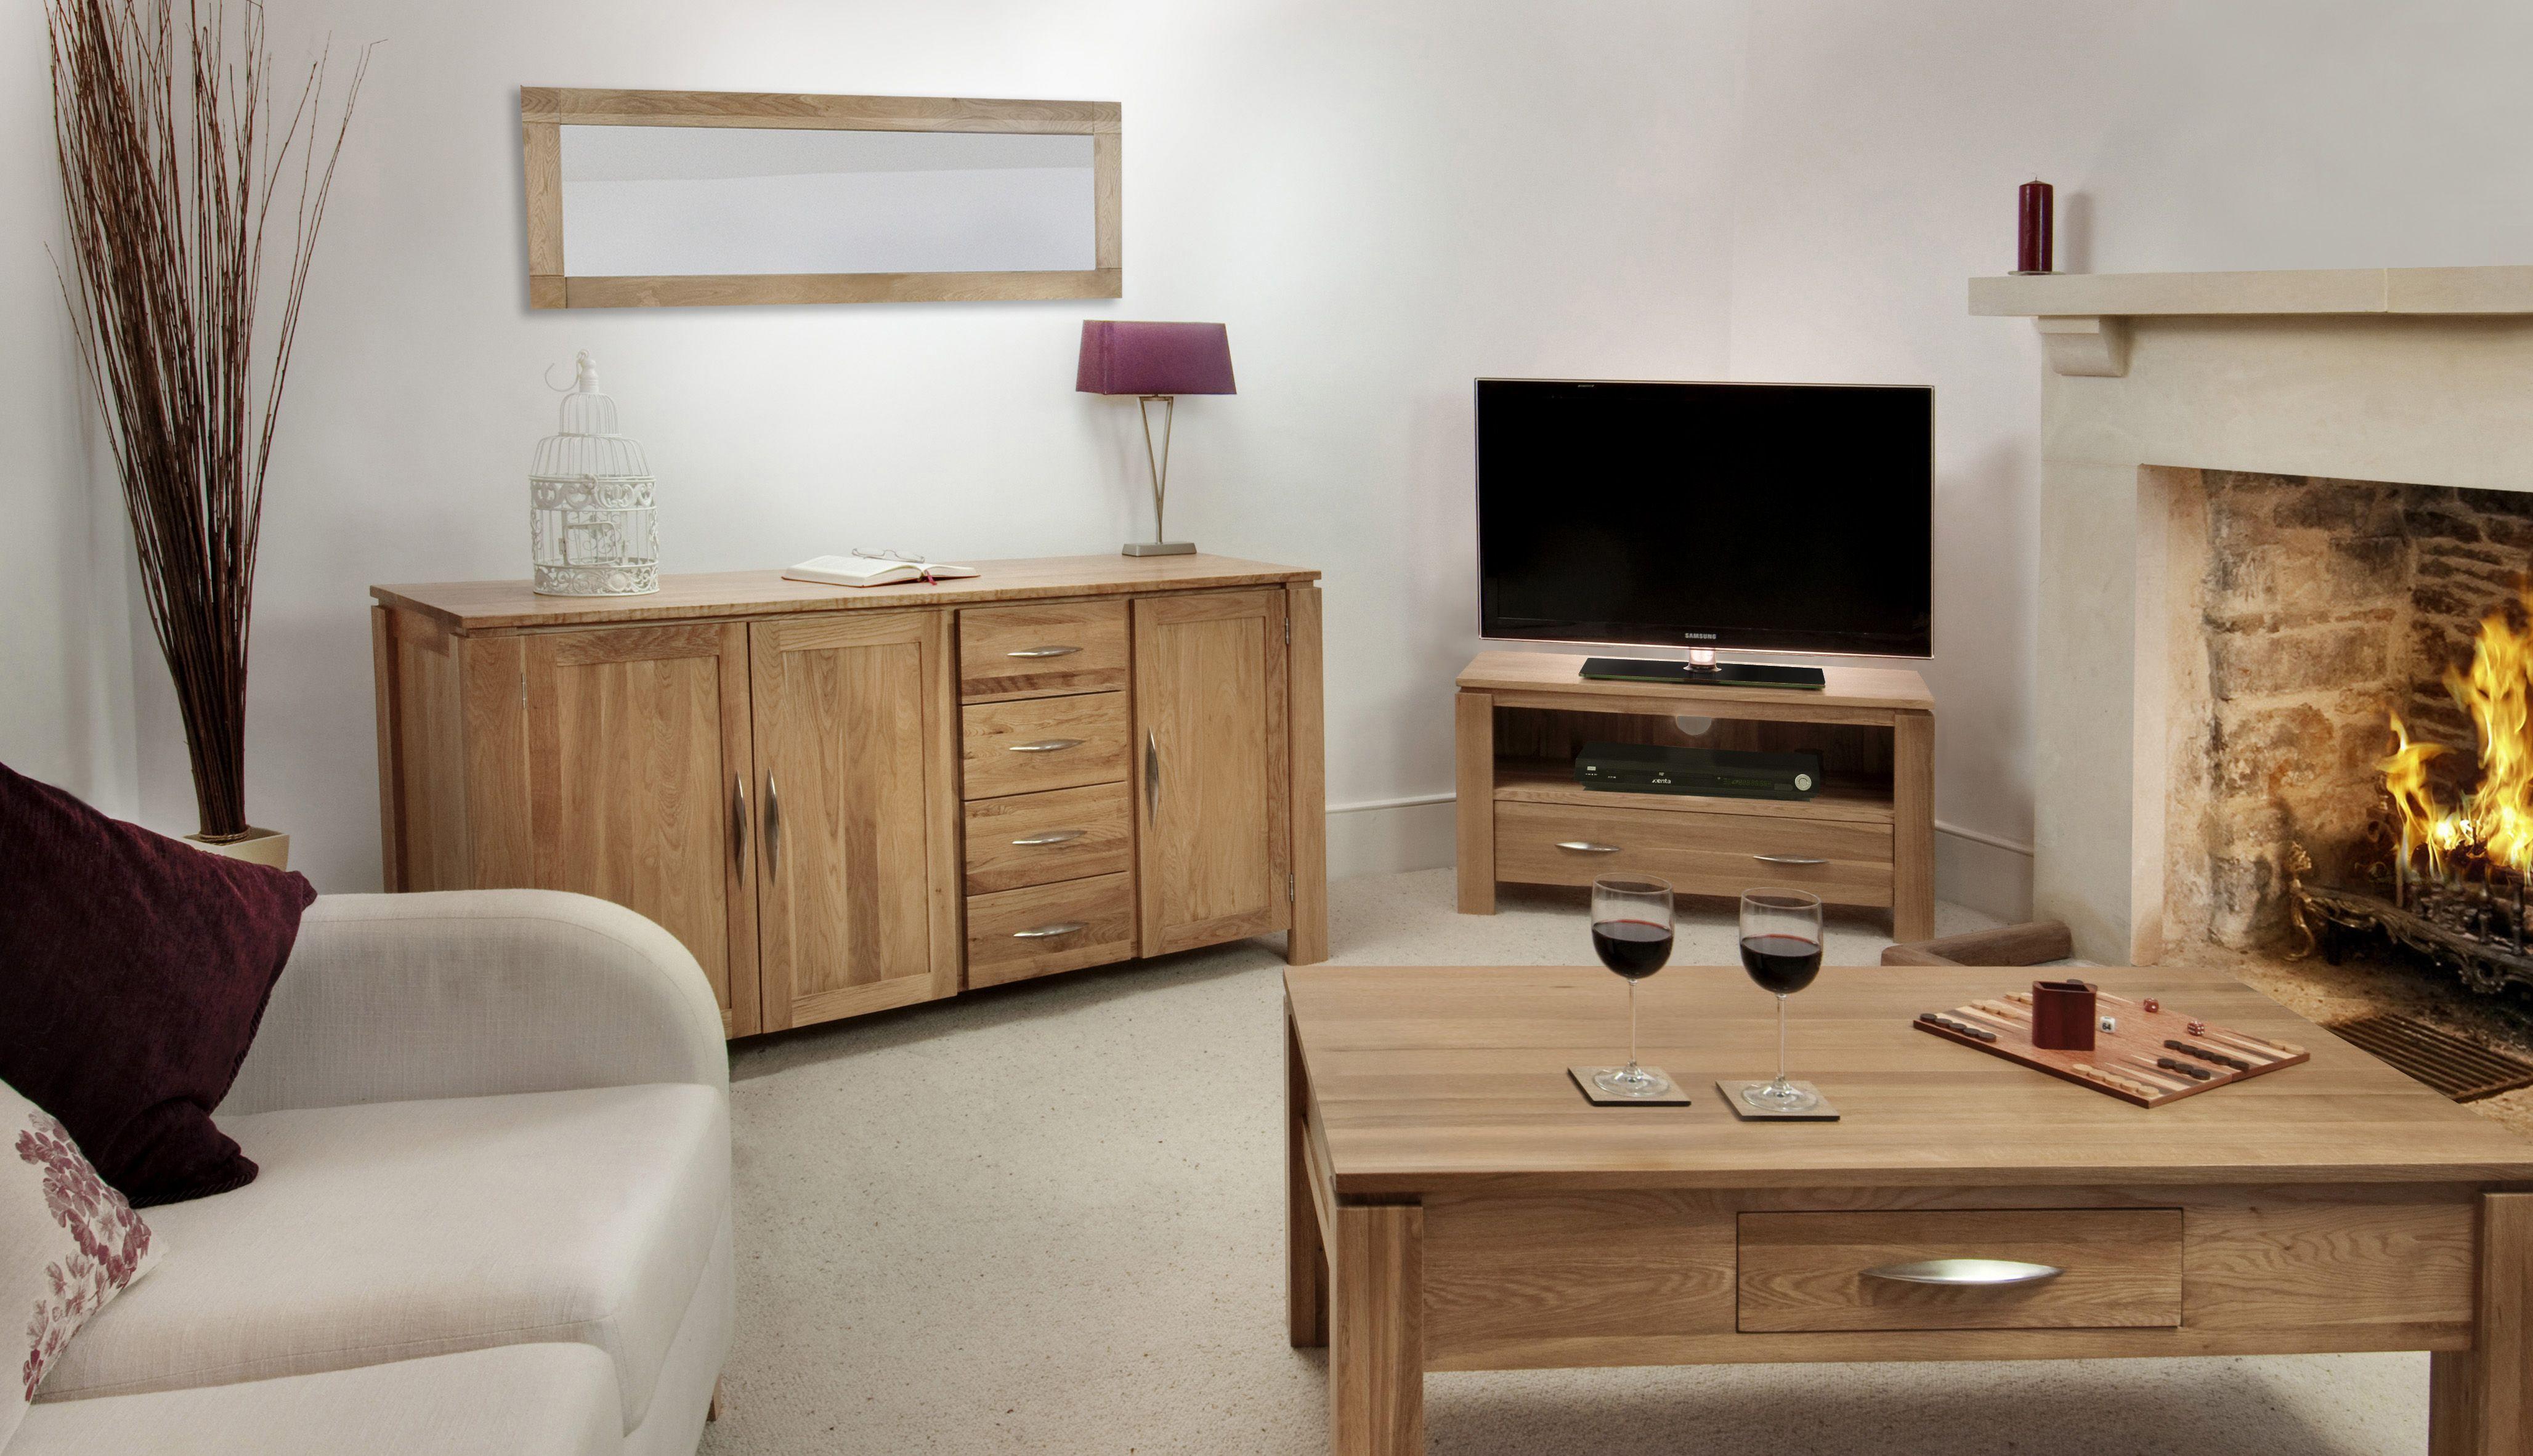 Galway Solid Oak Funiture Range Oak Living Room Furniture Collection